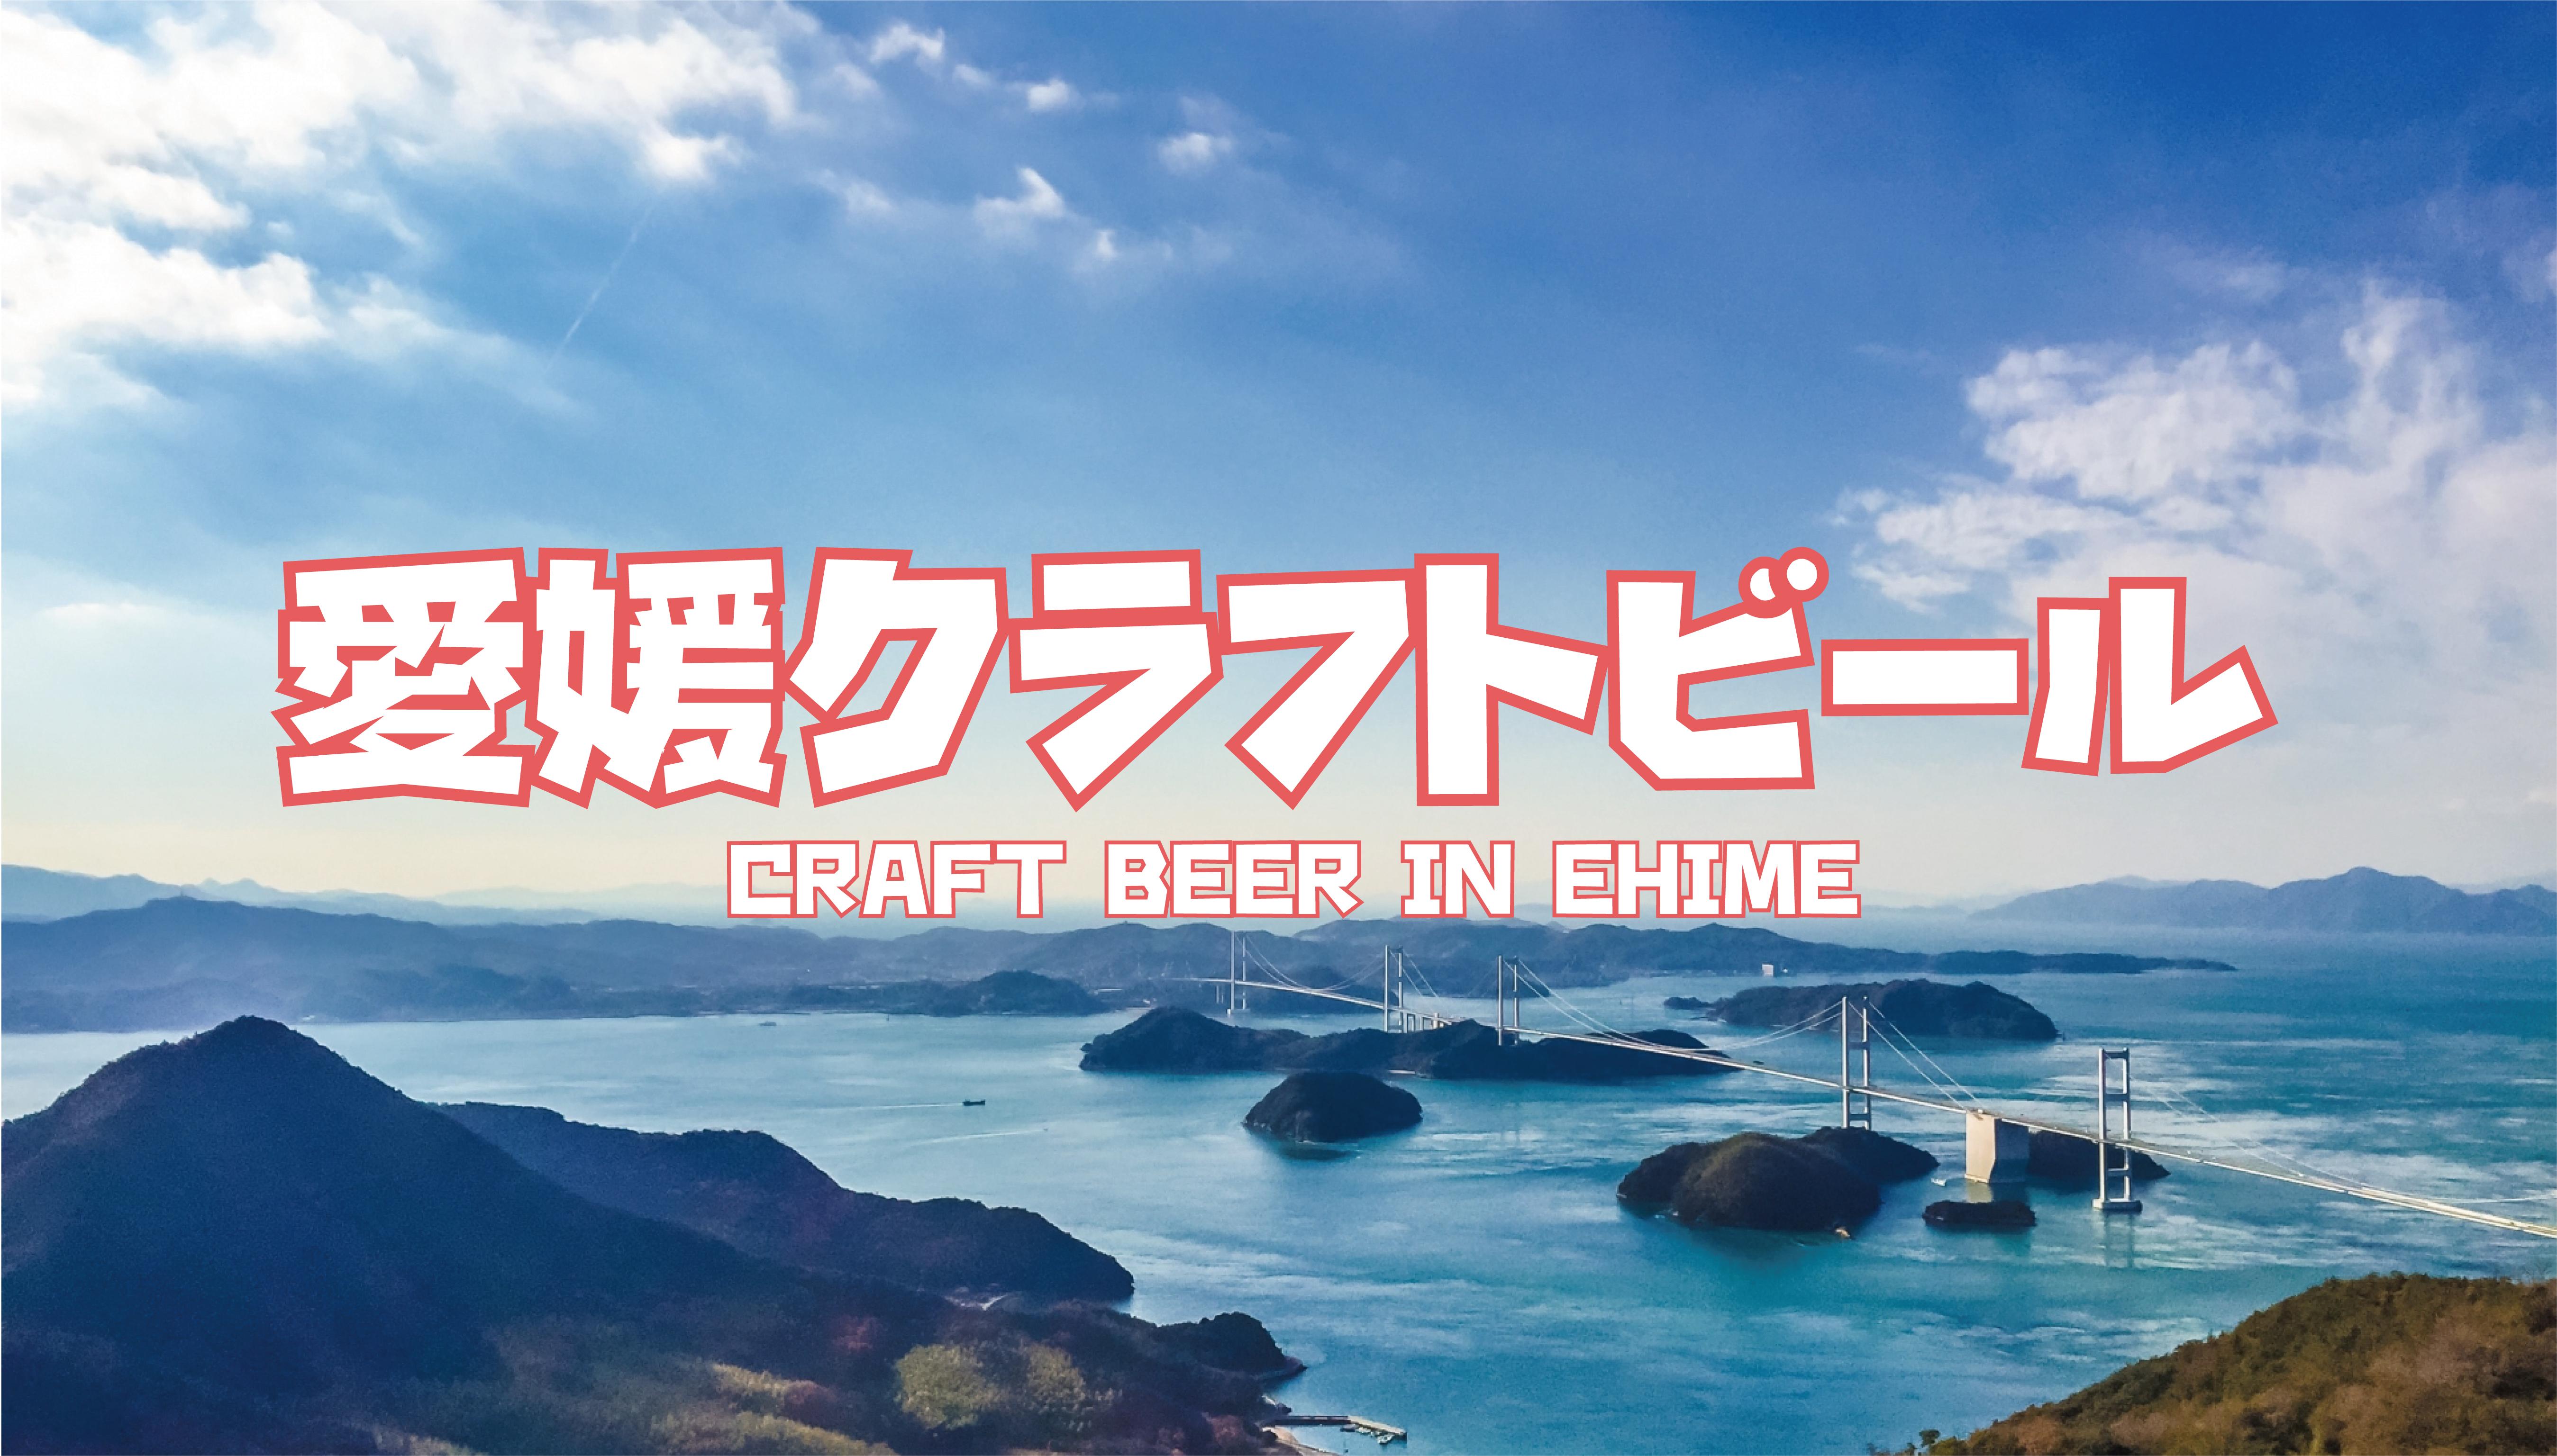 愛媛 クラフトビール 地ビール バー 居酒屋 ビアパブ ビール